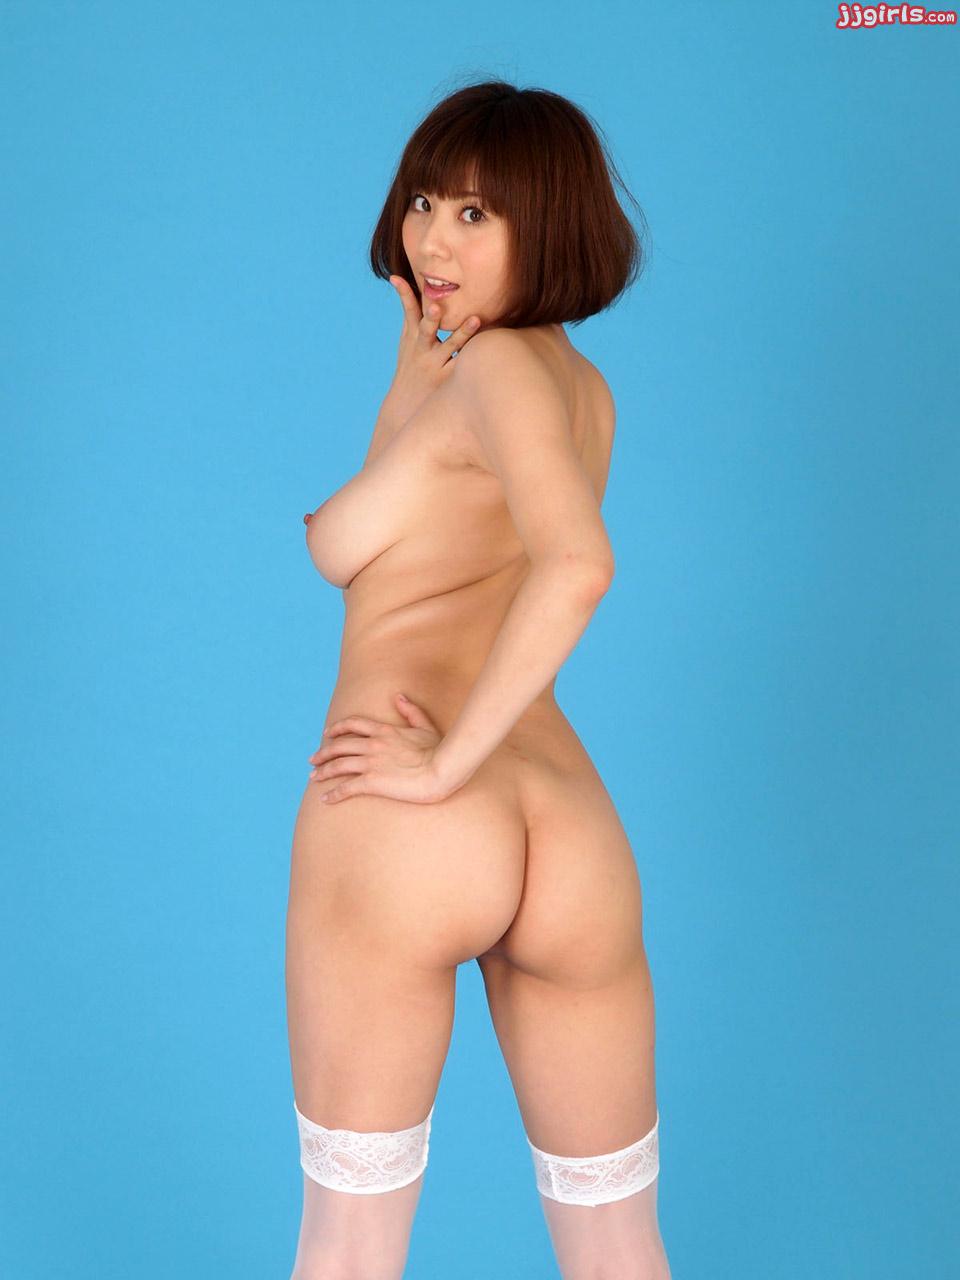 Ai uehara jav porn actress armpit licking compilation 5